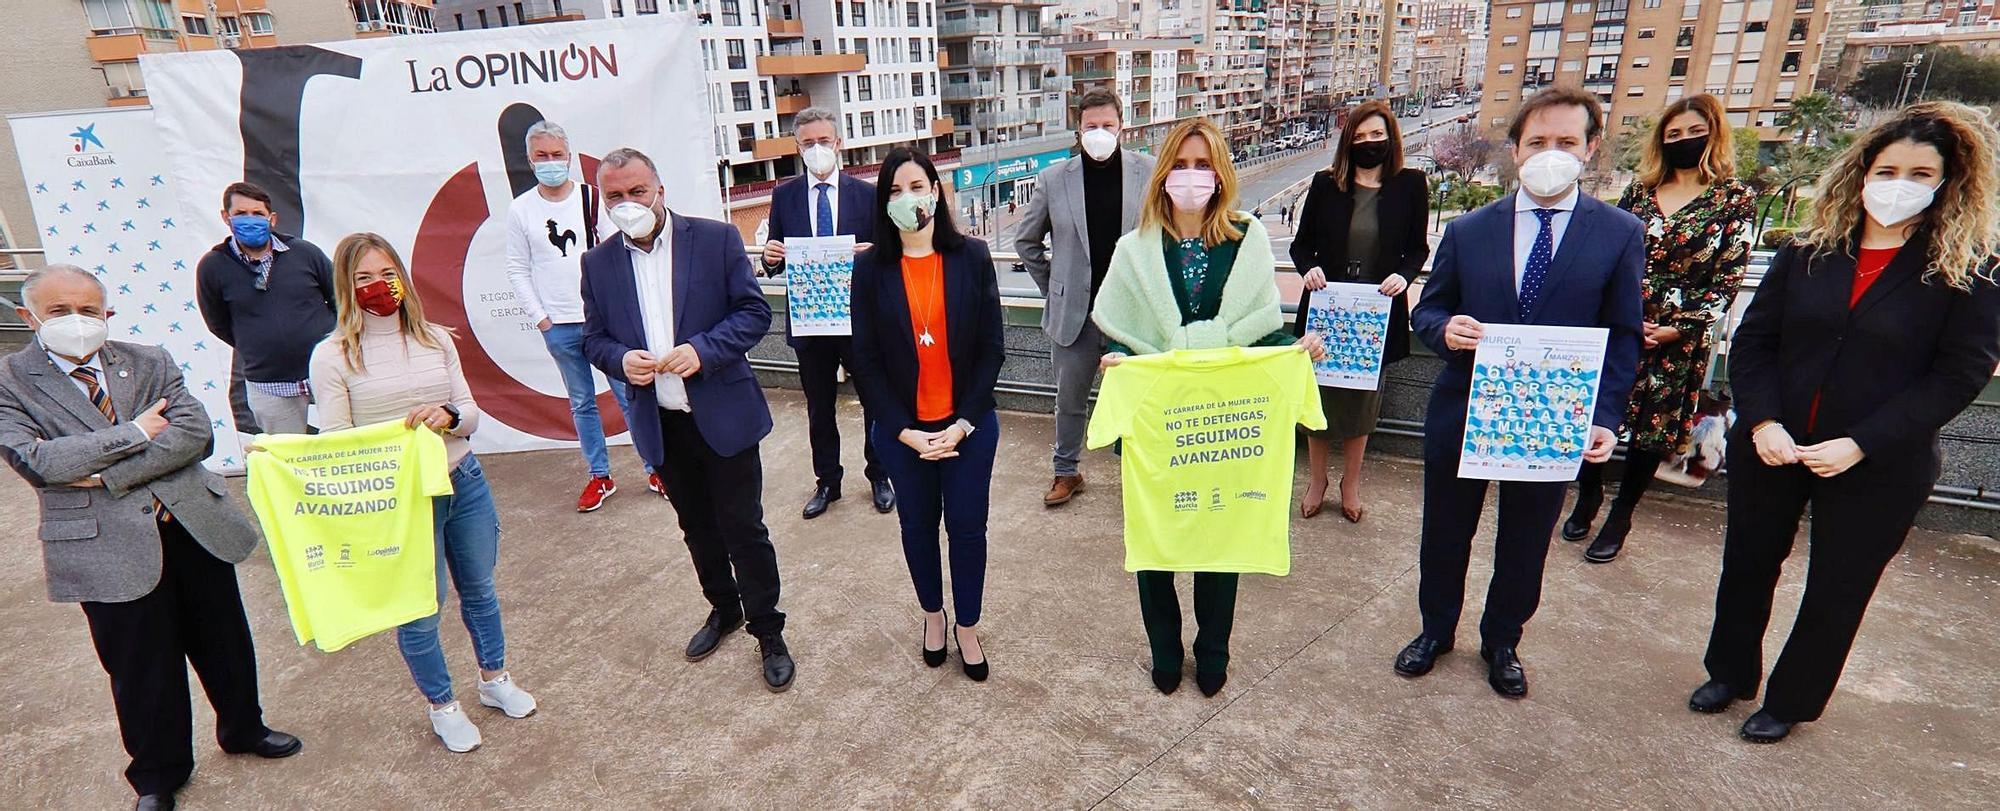 Patrocinadores y organizadores, ayer posando en el ático de La Opinión con el cartel de la carrera y la camiseta conmemorativa. | JUAN CARLOS CAVAL